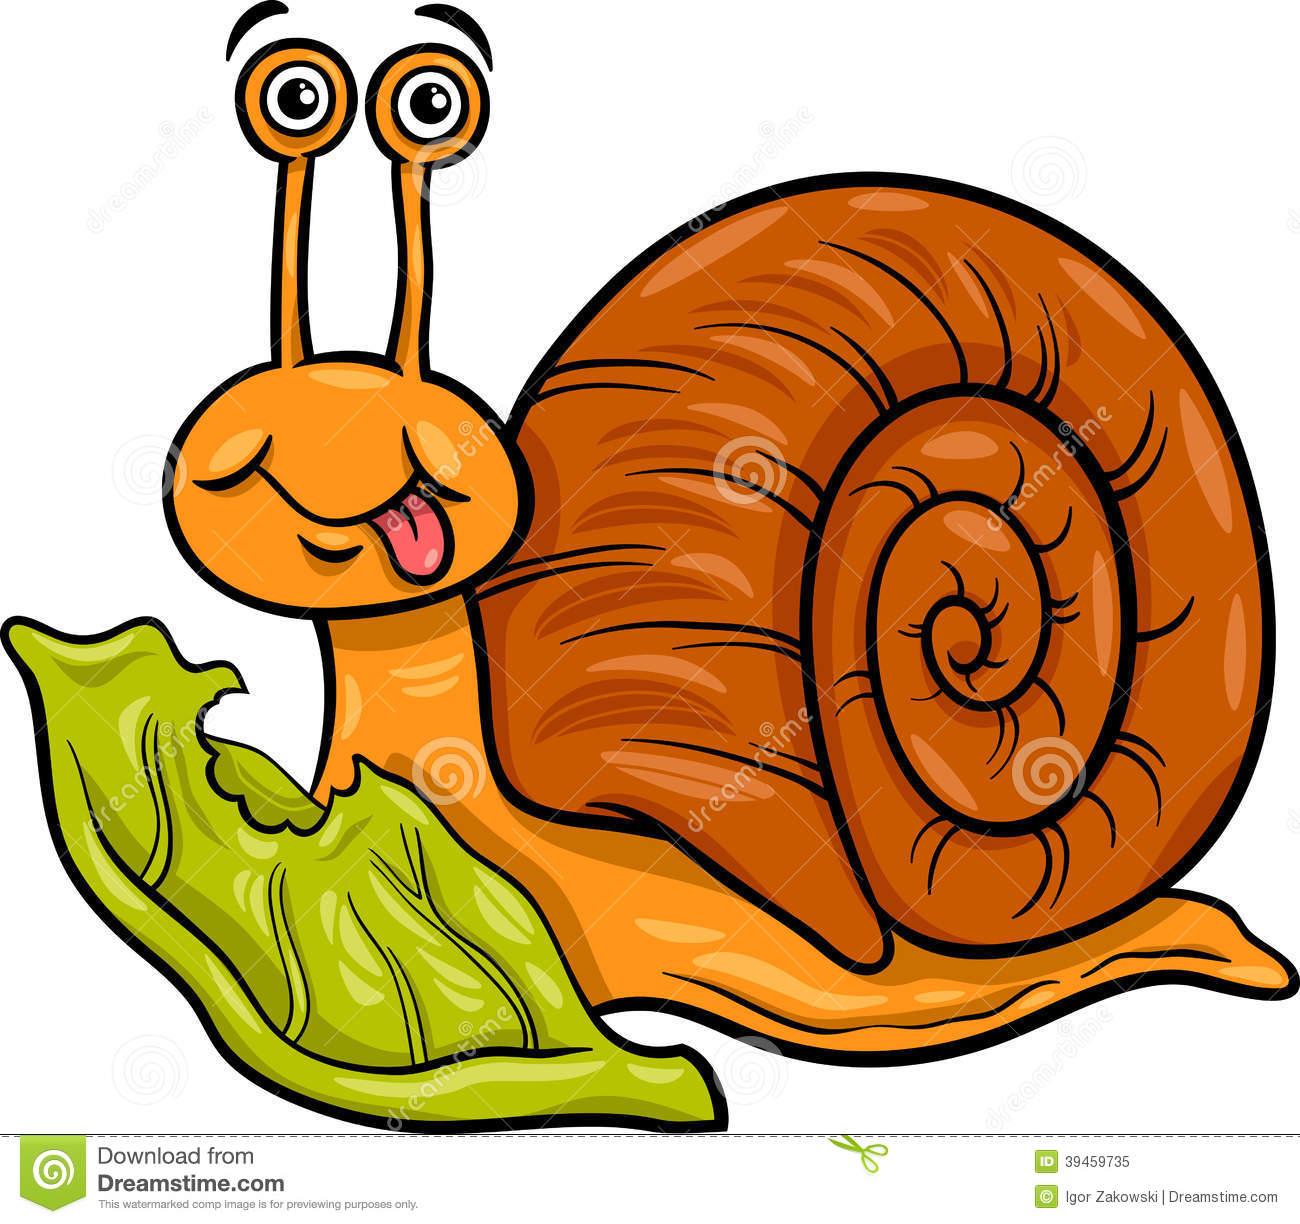 Cute snail clip art clipart panda free clipart images for Caracol de jardin que come